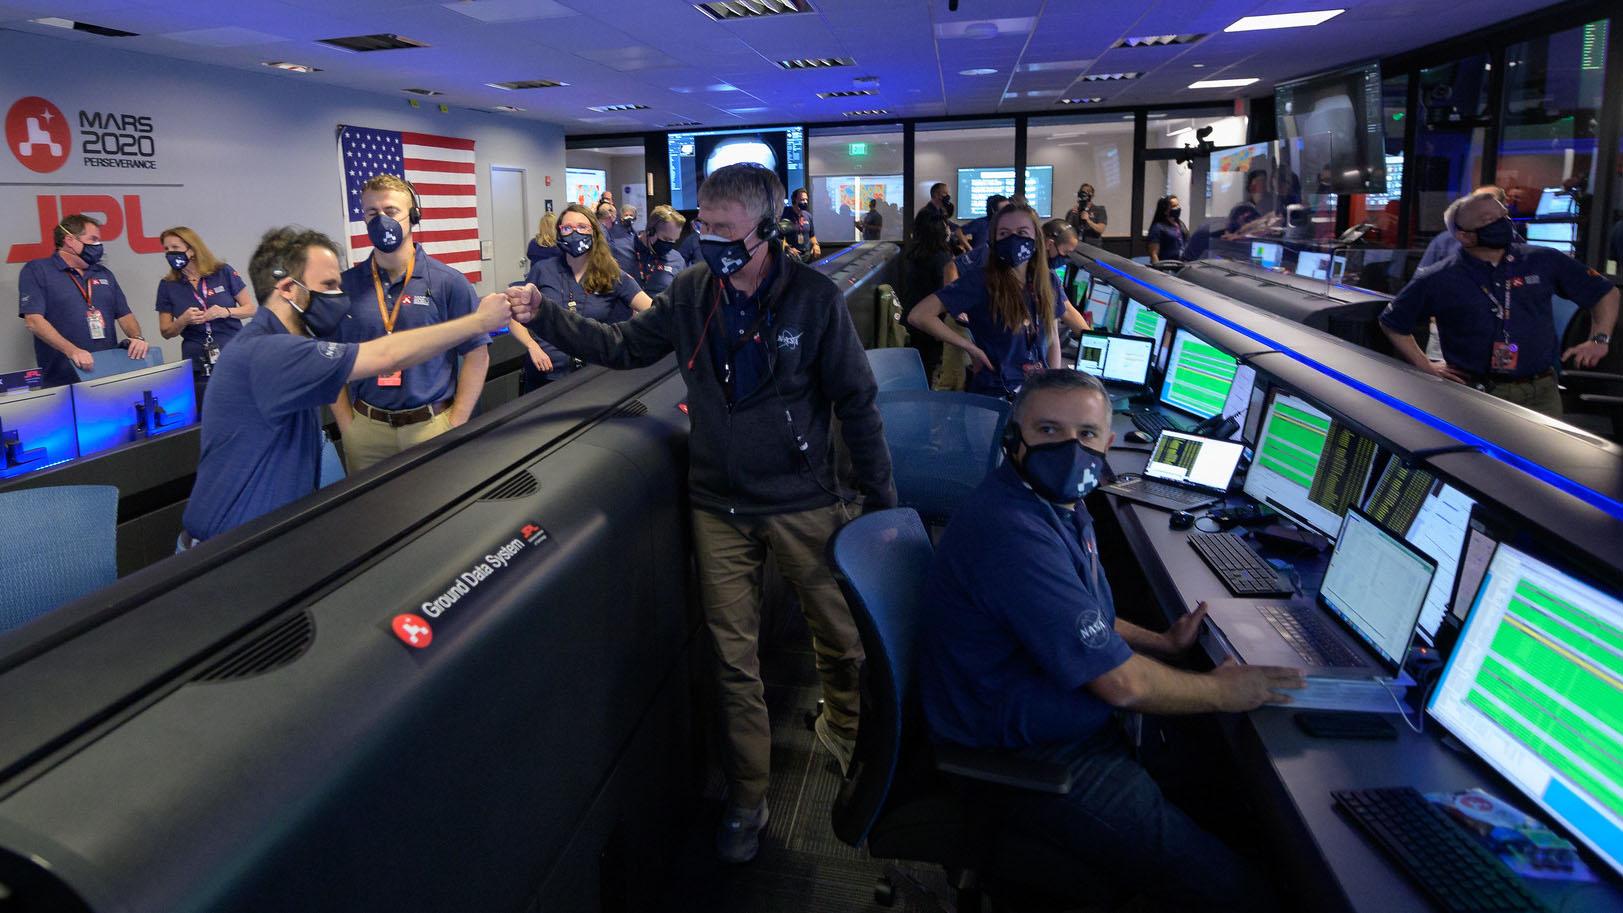 Les membres de l'équipe de rover Perseverance de la NASA réagissent au contrôle de mission après avoir reçu la confirmation que le vaisseau spatial a atterri avec succès sur Mars, le jeudi 18 février 2021, au Jet Propulsion Laboratory de la NASA à Pasadena, en Californie.